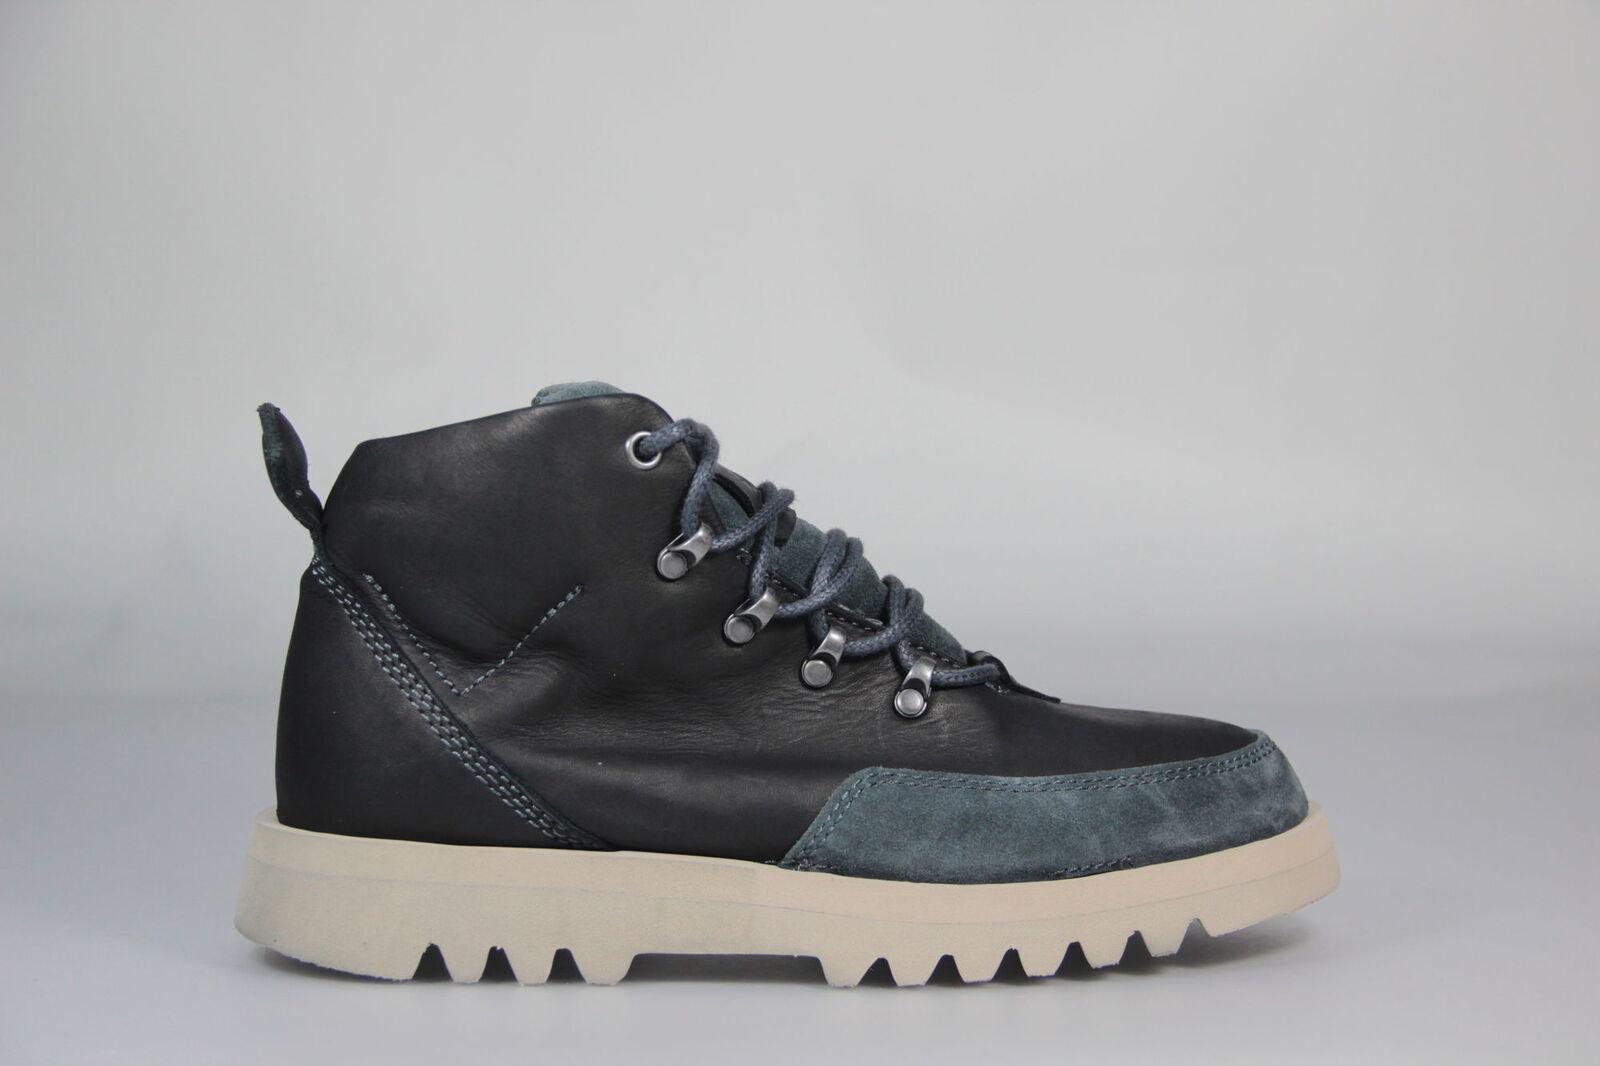 Satorisan Makino ref 182026 Hommes Cheville Chaussure